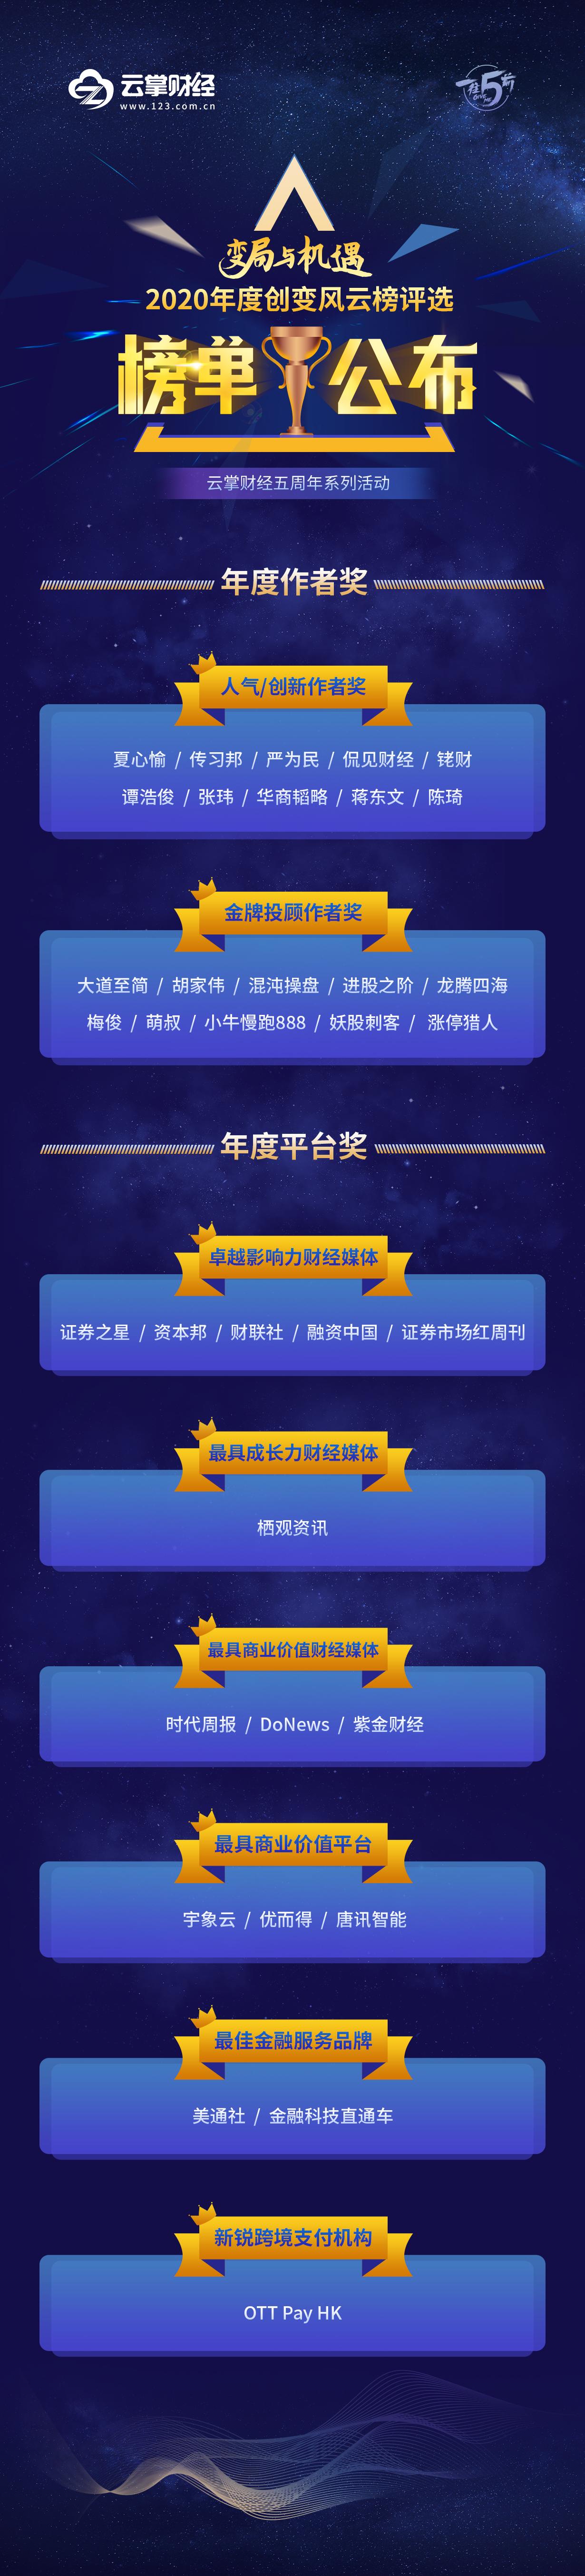 云掌财经2020年度创变风云榜评选活动正式结束, 榜单公布!